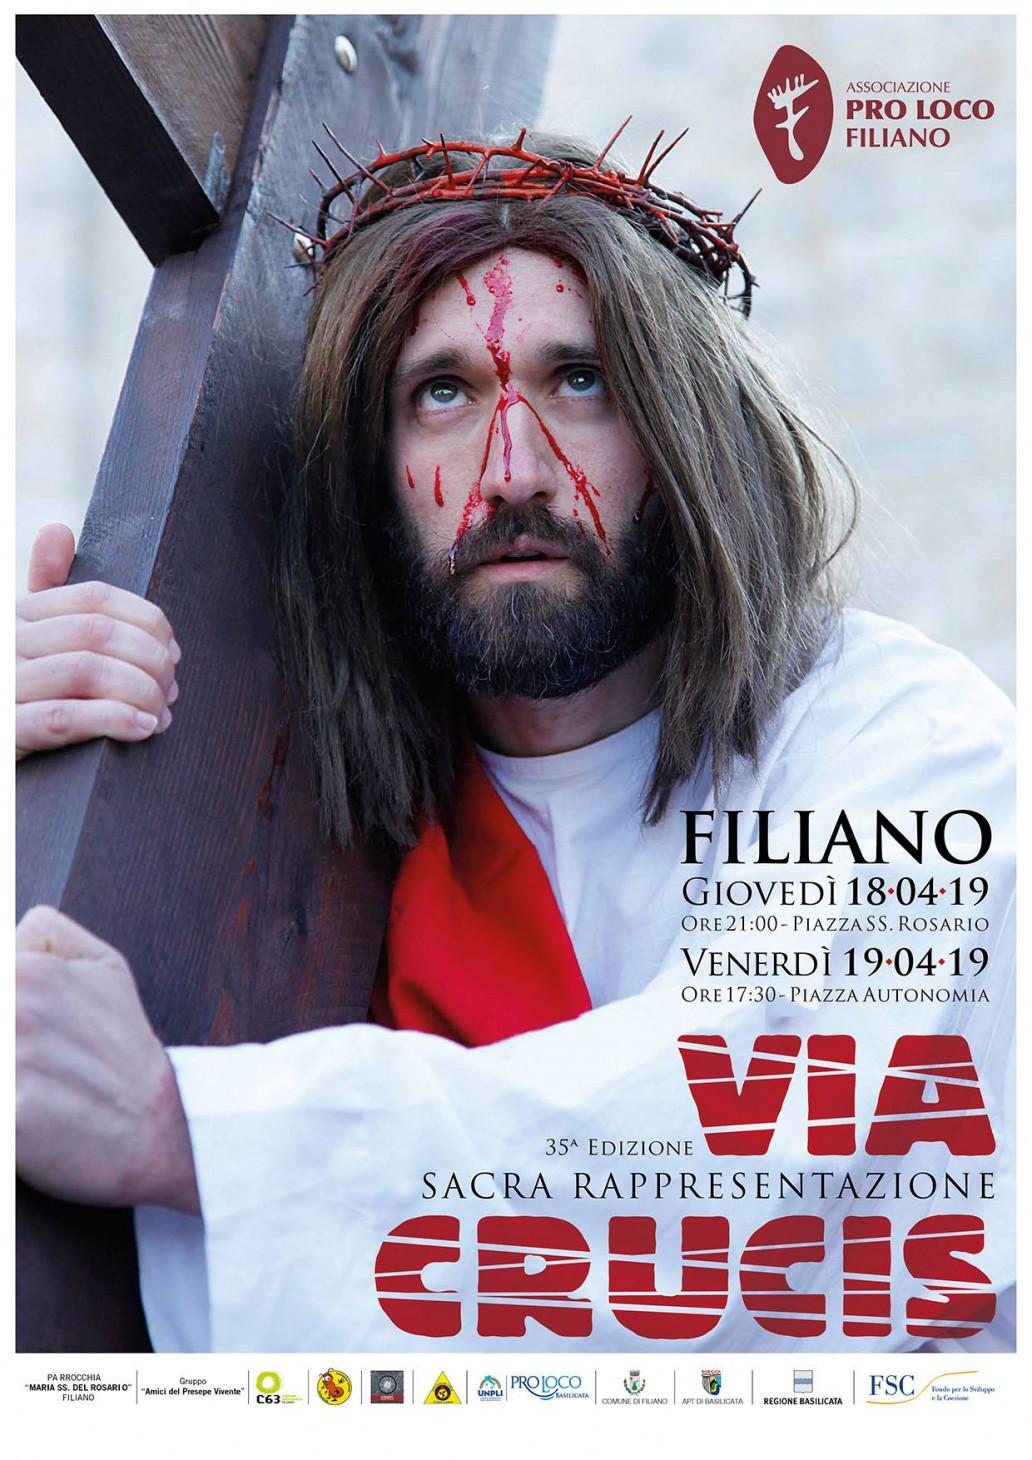 601f9abbc235 Sacra rappresentazione della VIA CRUCIS di Filiano